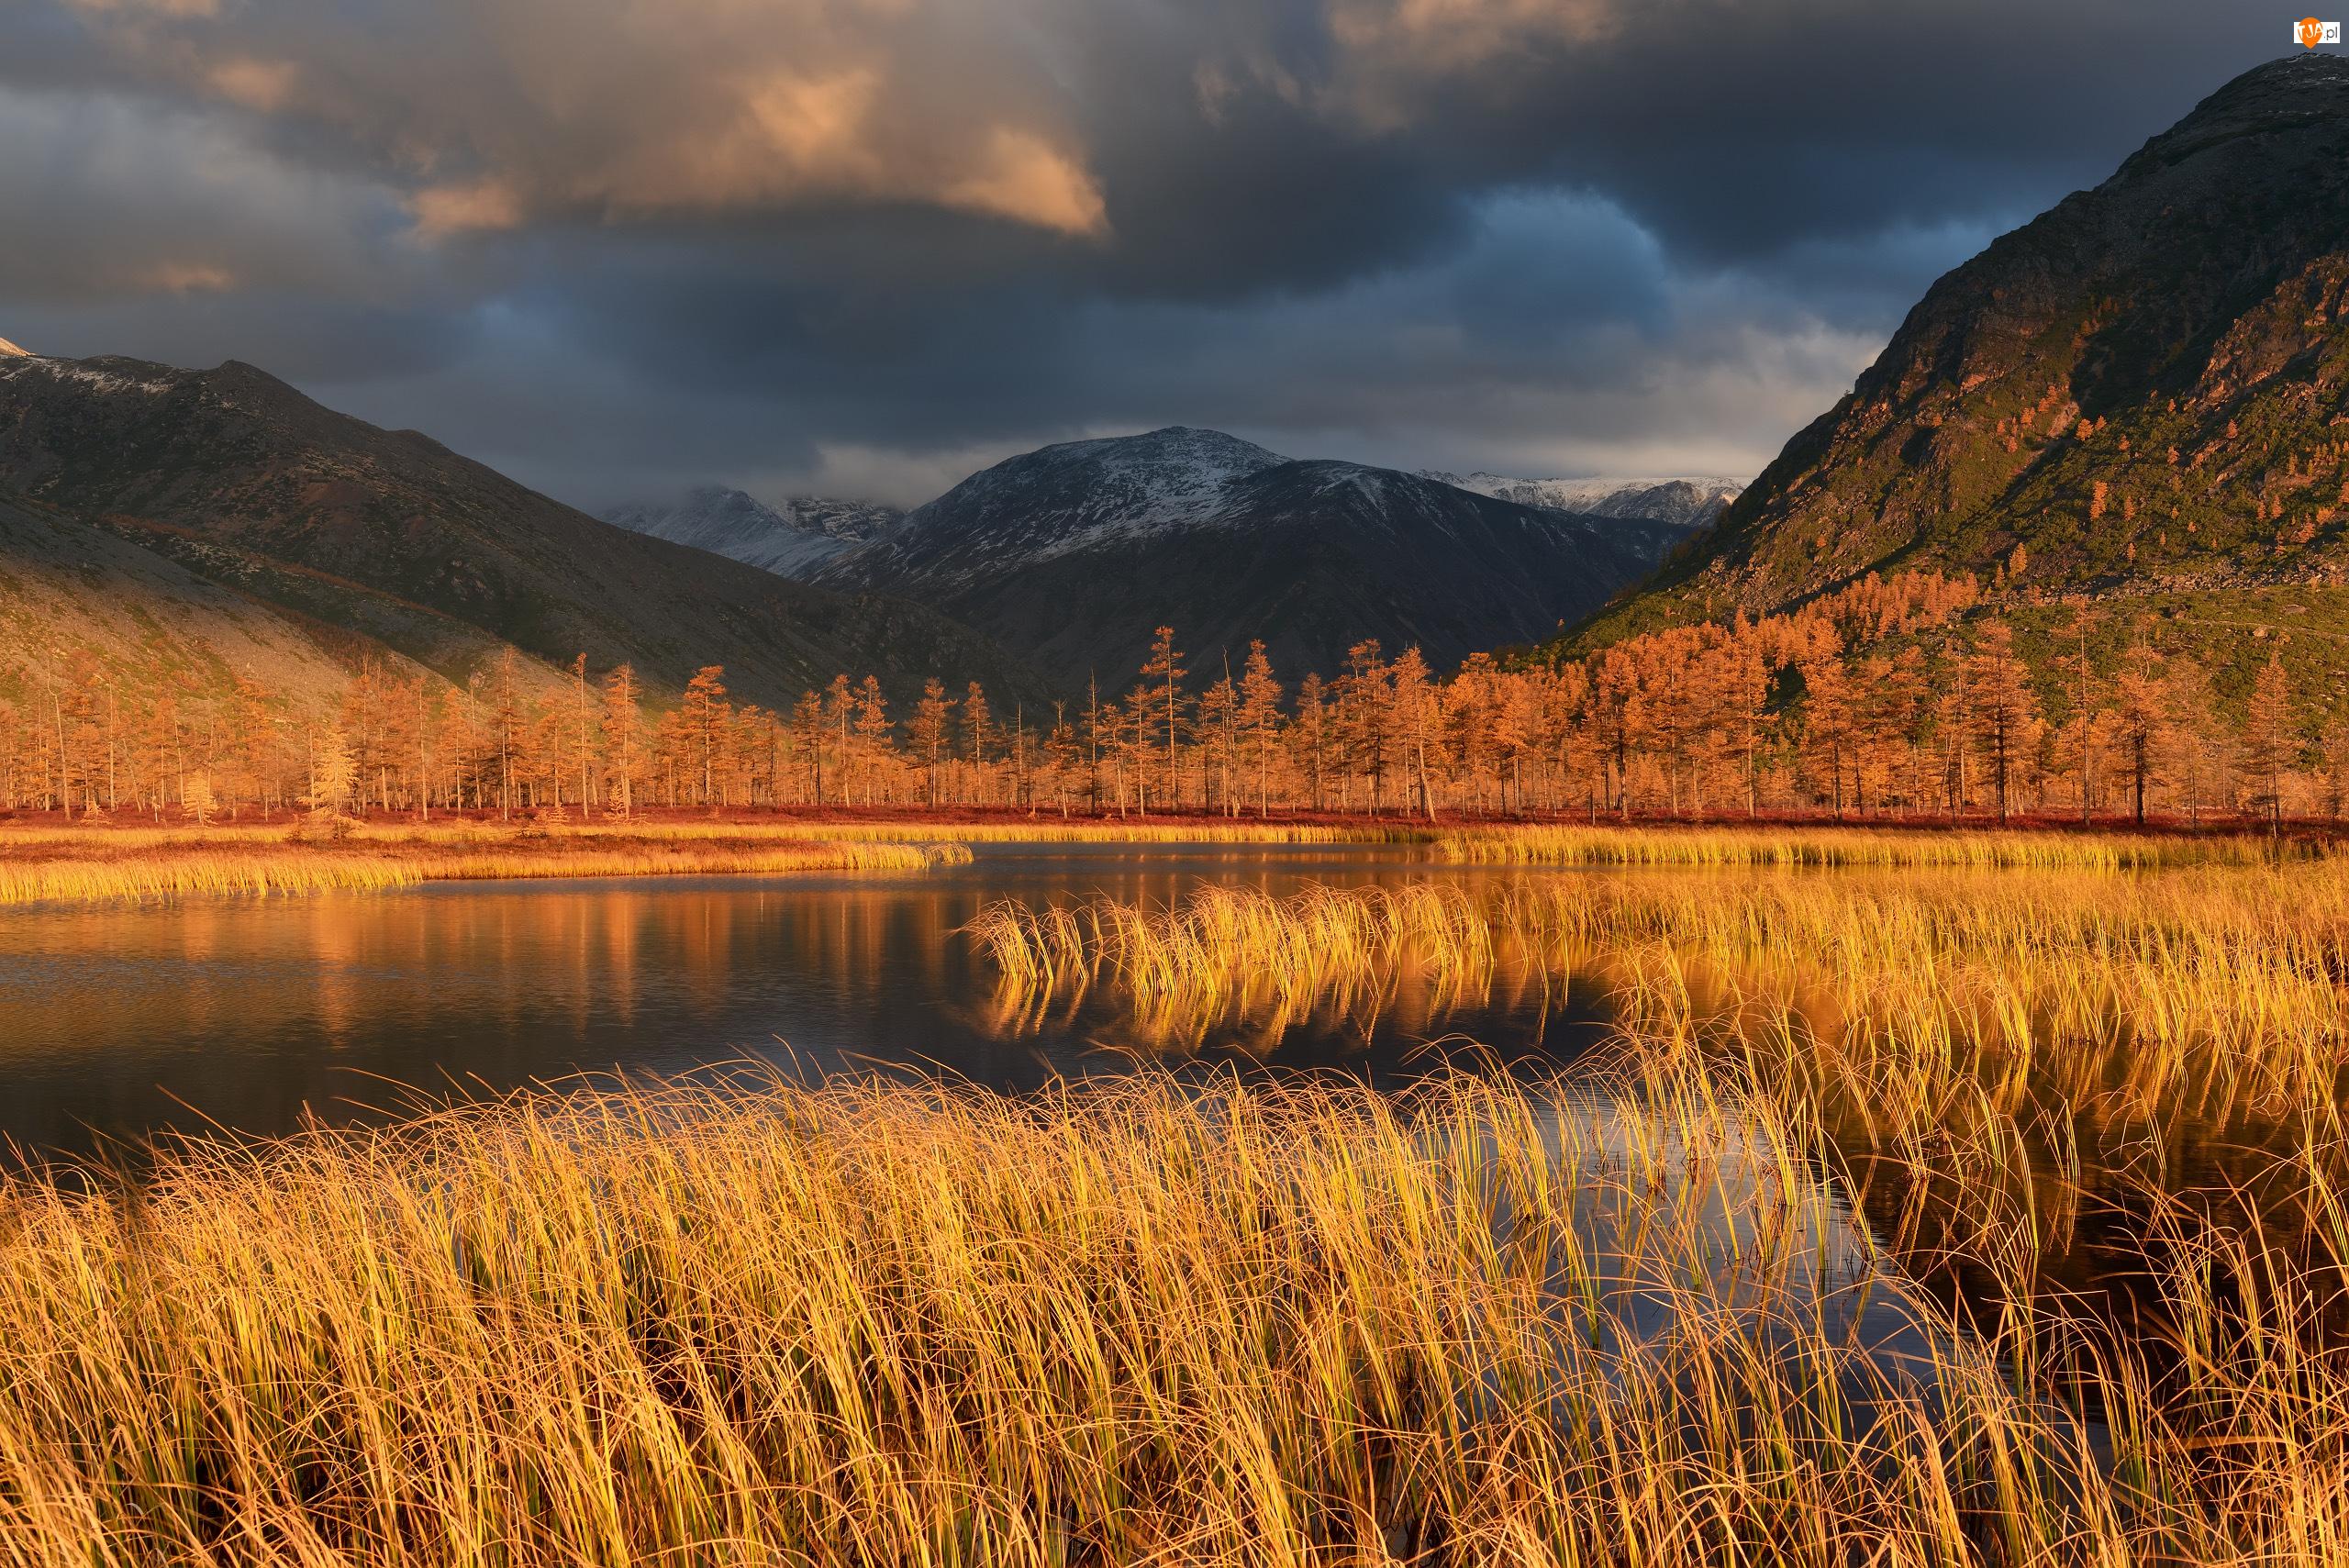 Rosja, Jesień, Kołyma, Chmury, Drzewa, Góry Kołymskie, Trawa, Krzewy, Jezioro, Obwód magadański